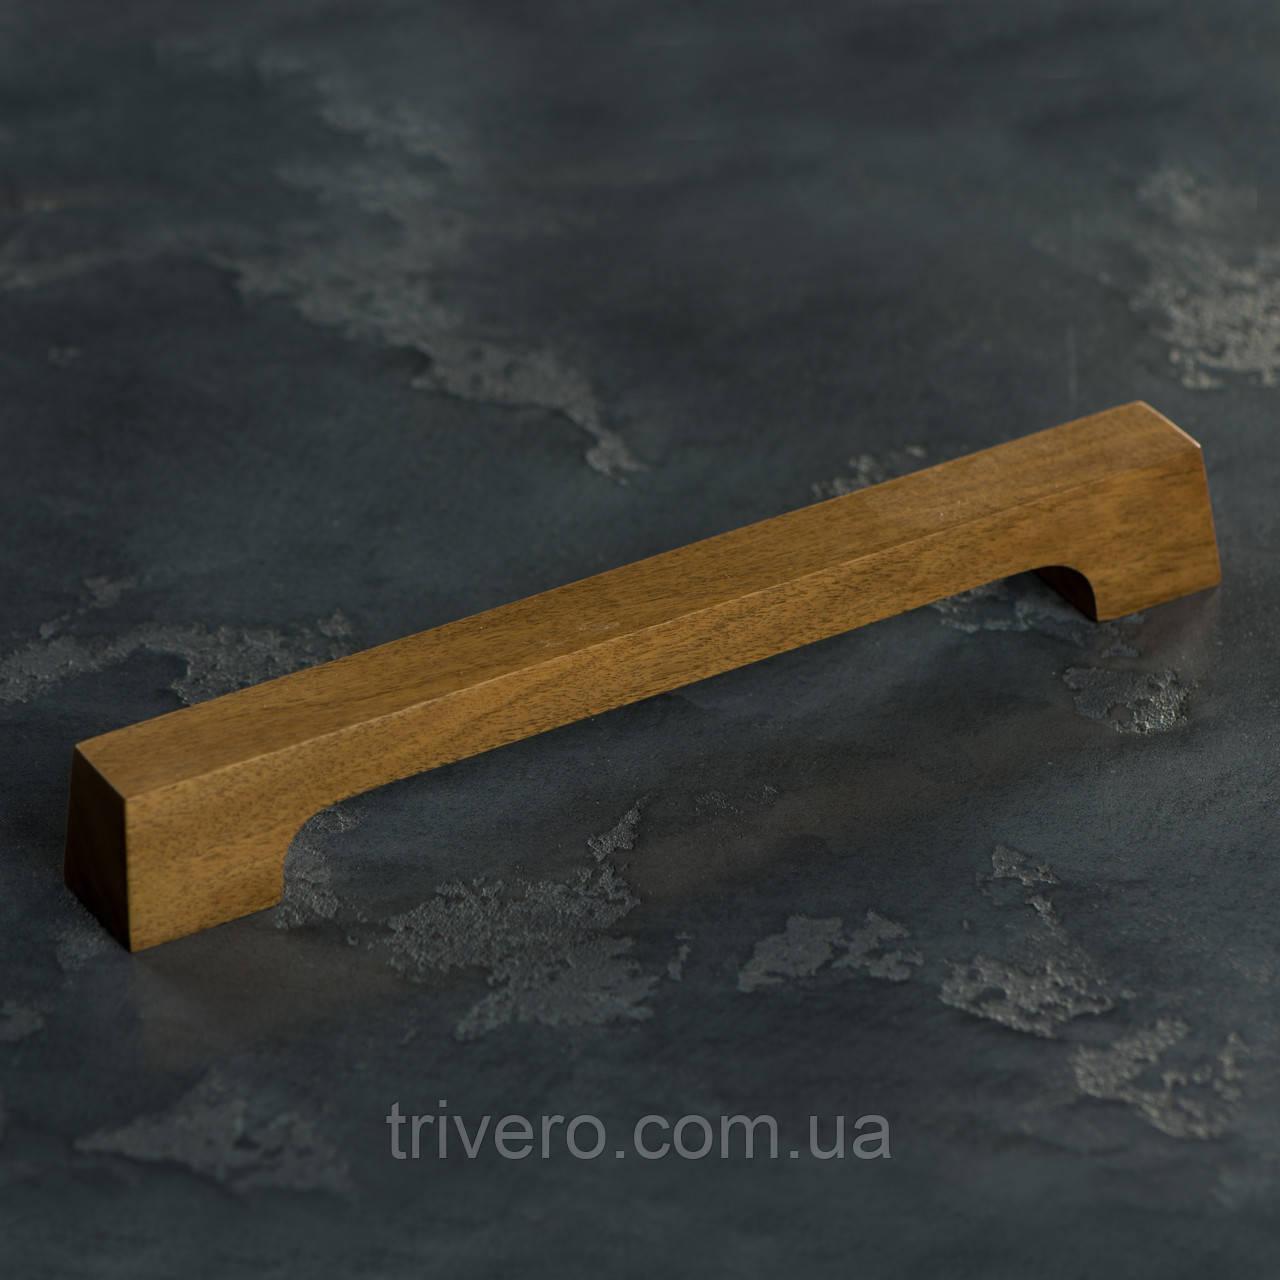 Мебельная ручка деревянная орех